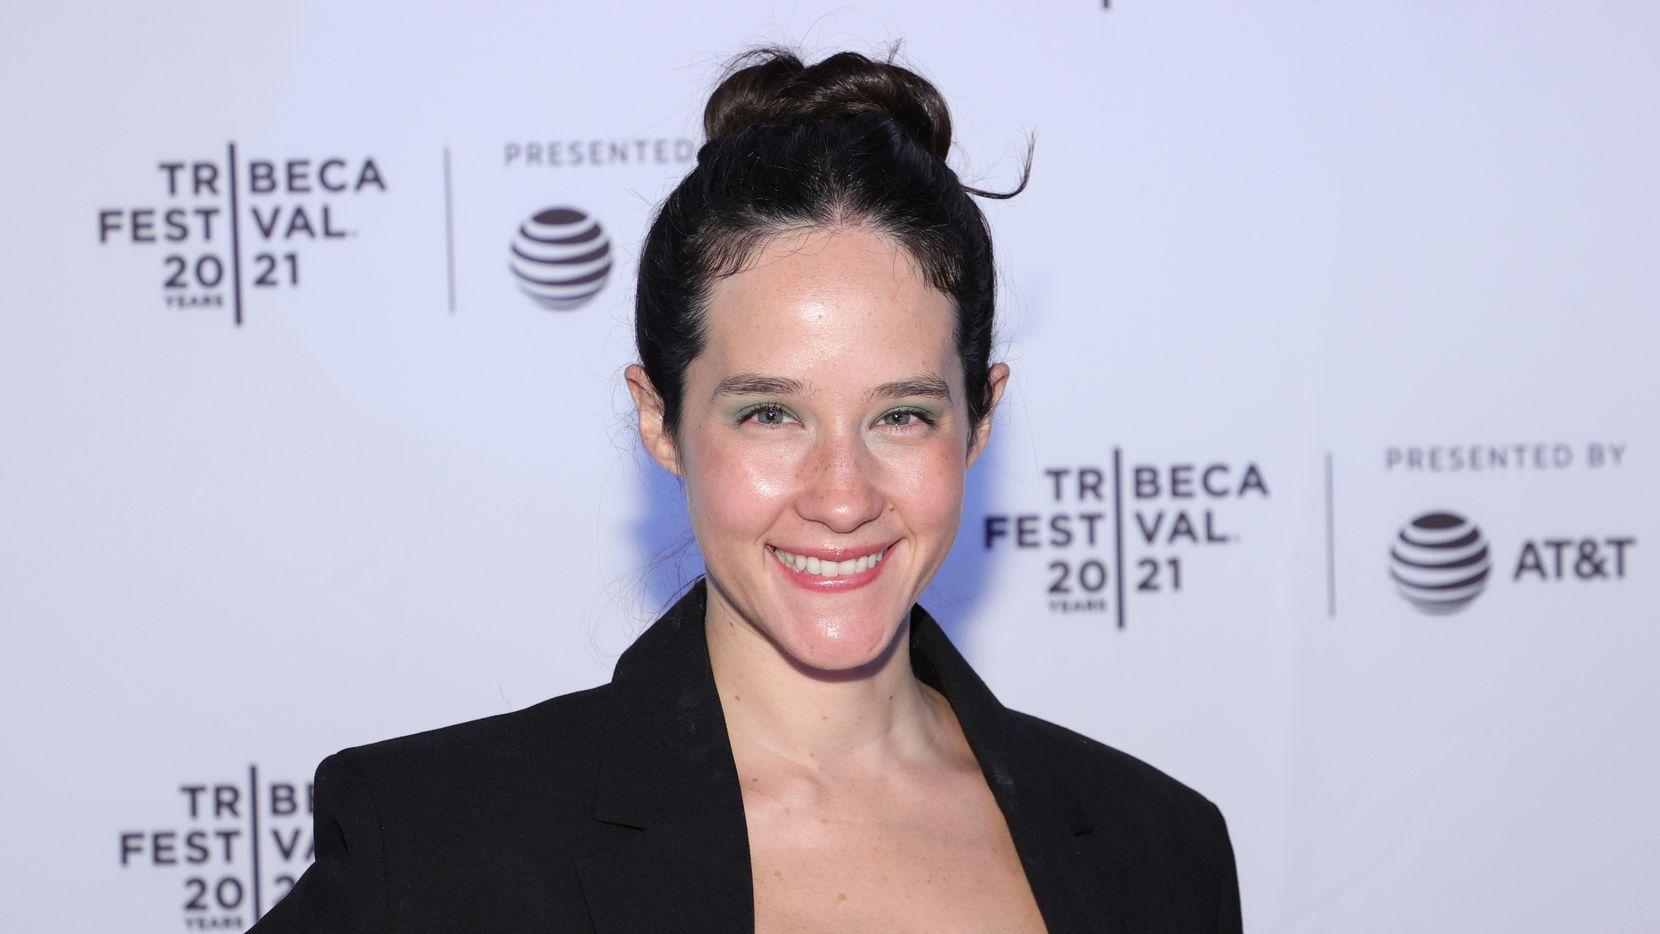 """Ximena Sariñana en la premiere de """"On The Divide"""" en Brooklyn Commons el 13 de junio de 2021 en Nueva York."""